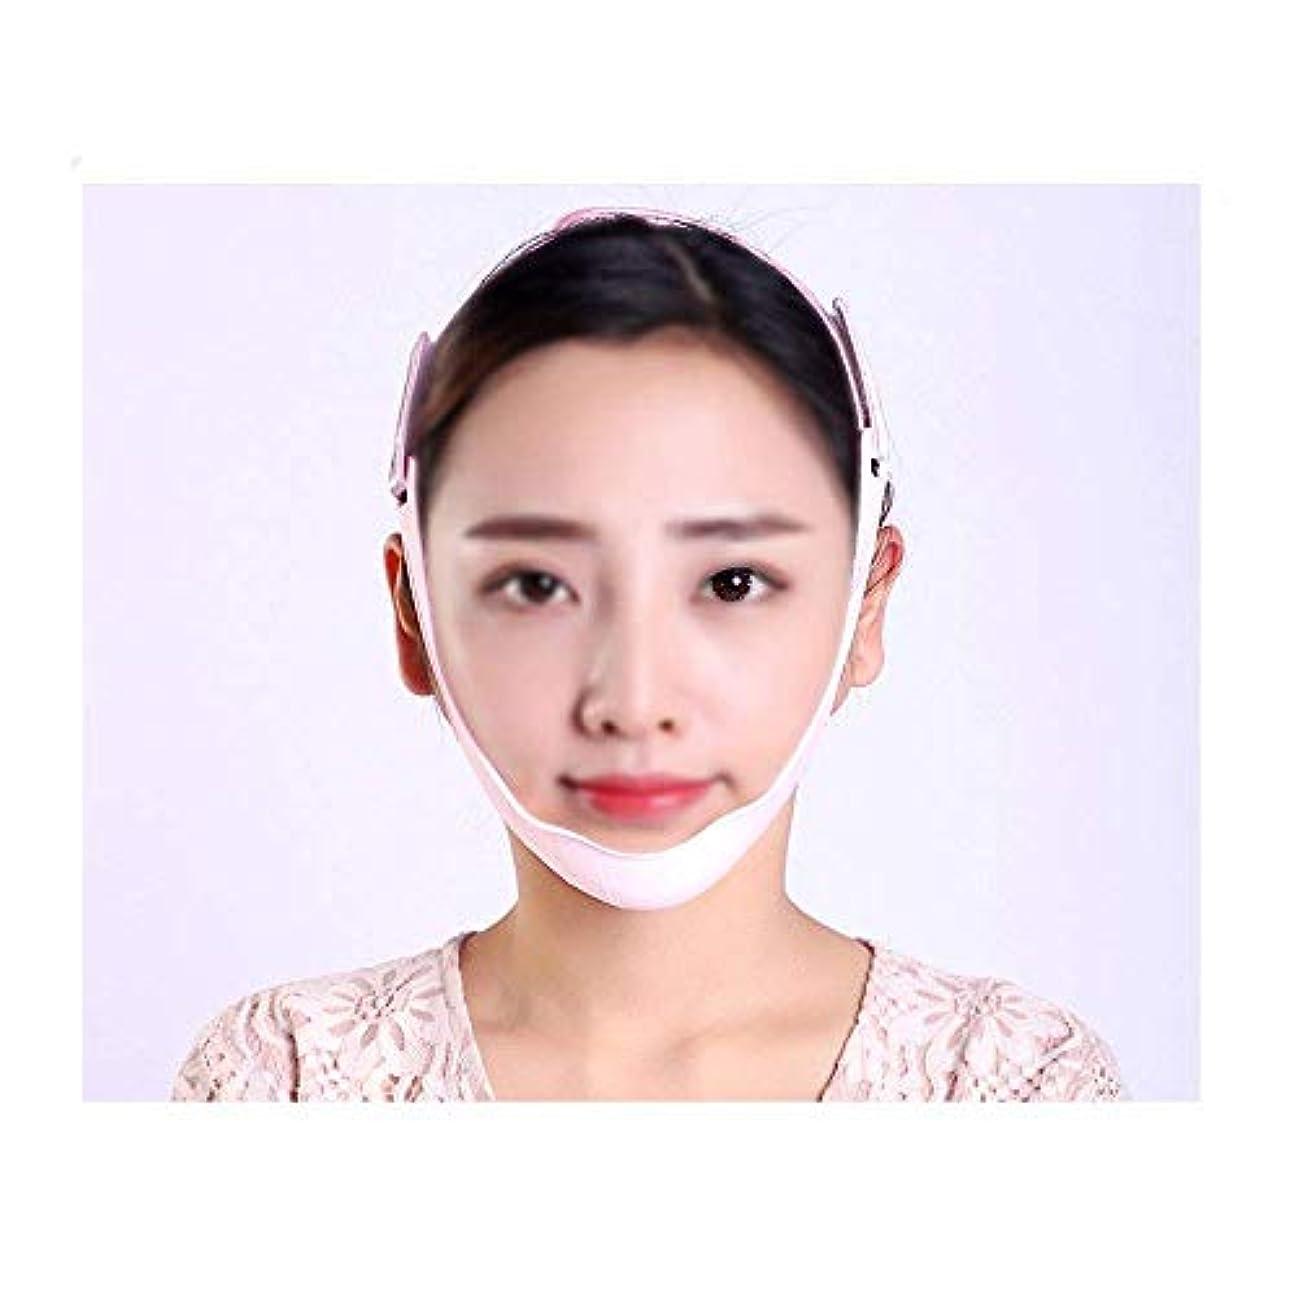 シチリア自伝頑丈フェイシャルリフティングマスク、リフティングフェイシャルファーミングアーティファクト/マッサージ器薄い顔の包帯/通気性ダブルチンスリミングマスク